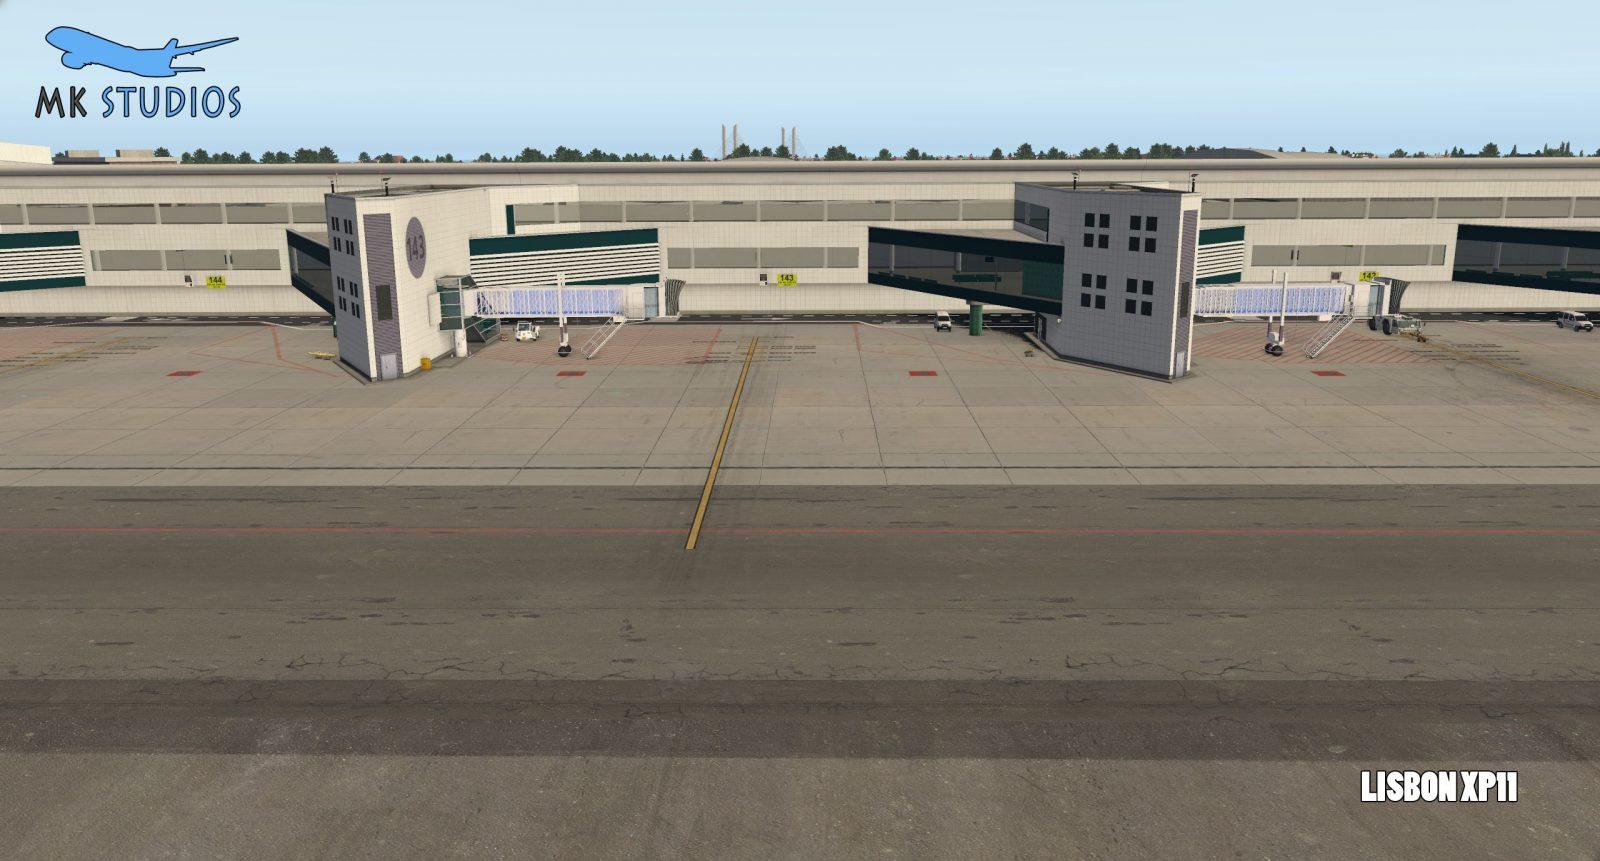 mk-studios-lisbon-xplane-11-11-1600x861.